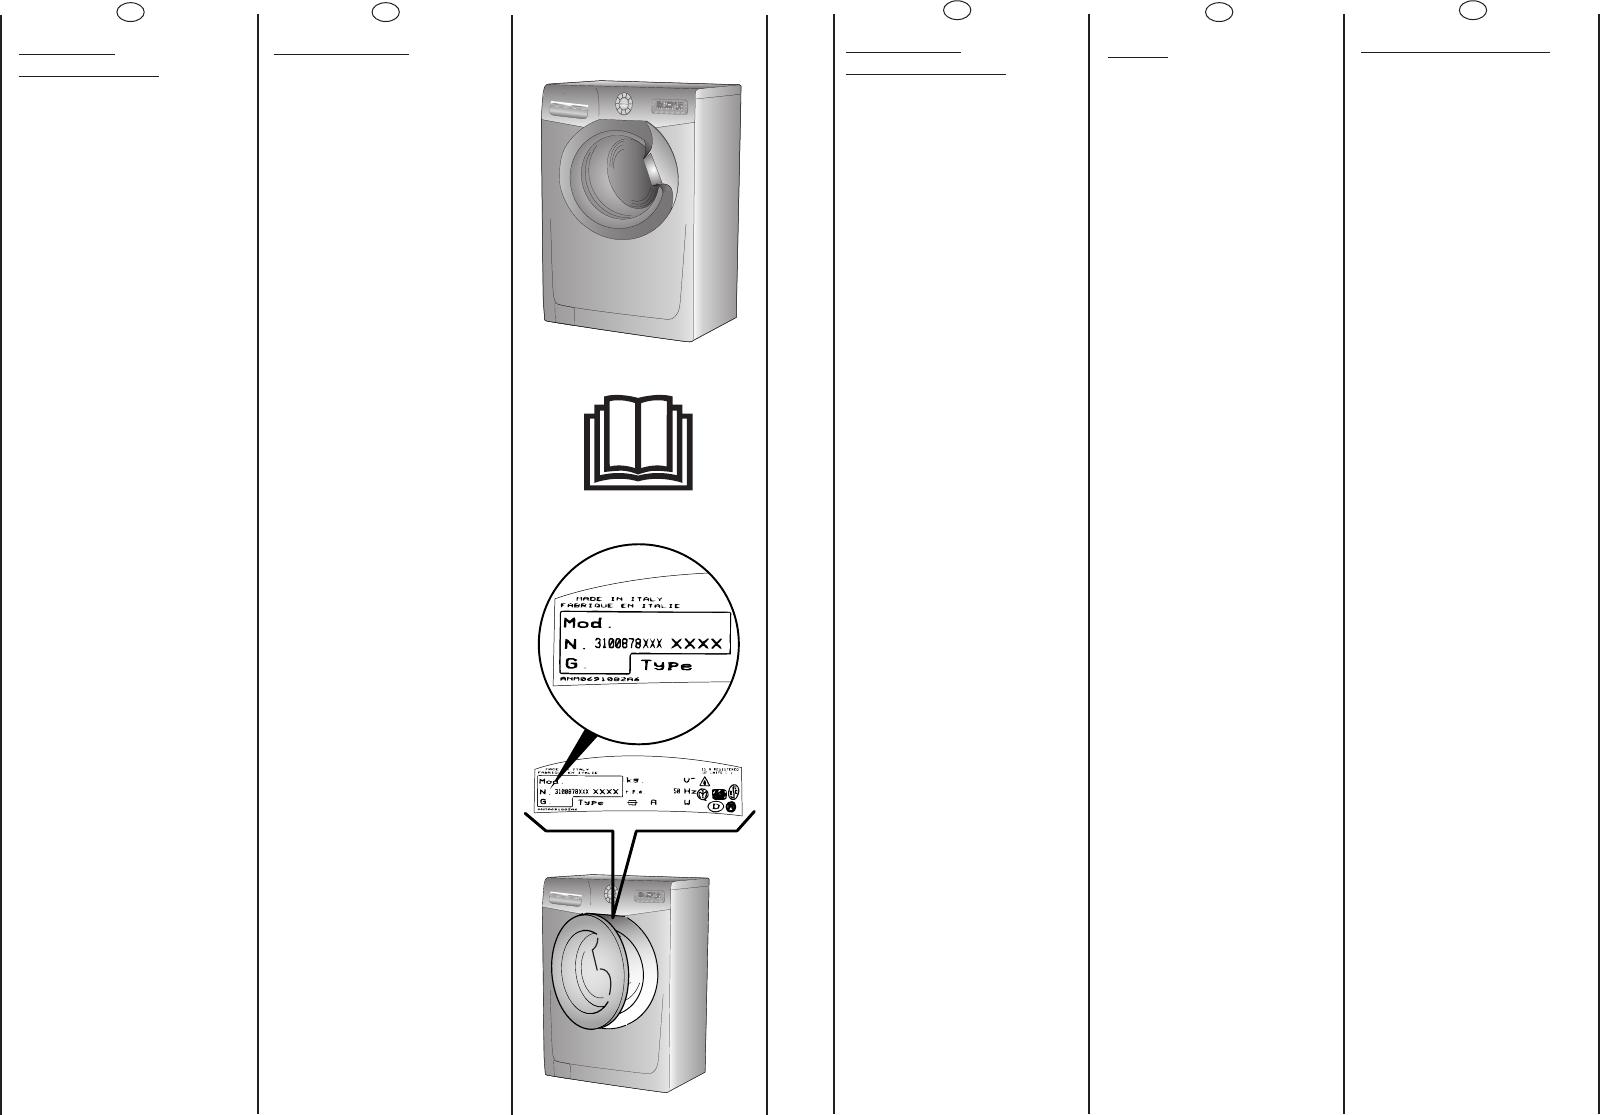 Saugschlauch-protezione 9 metri di cotone mobili saver di protezione tubo